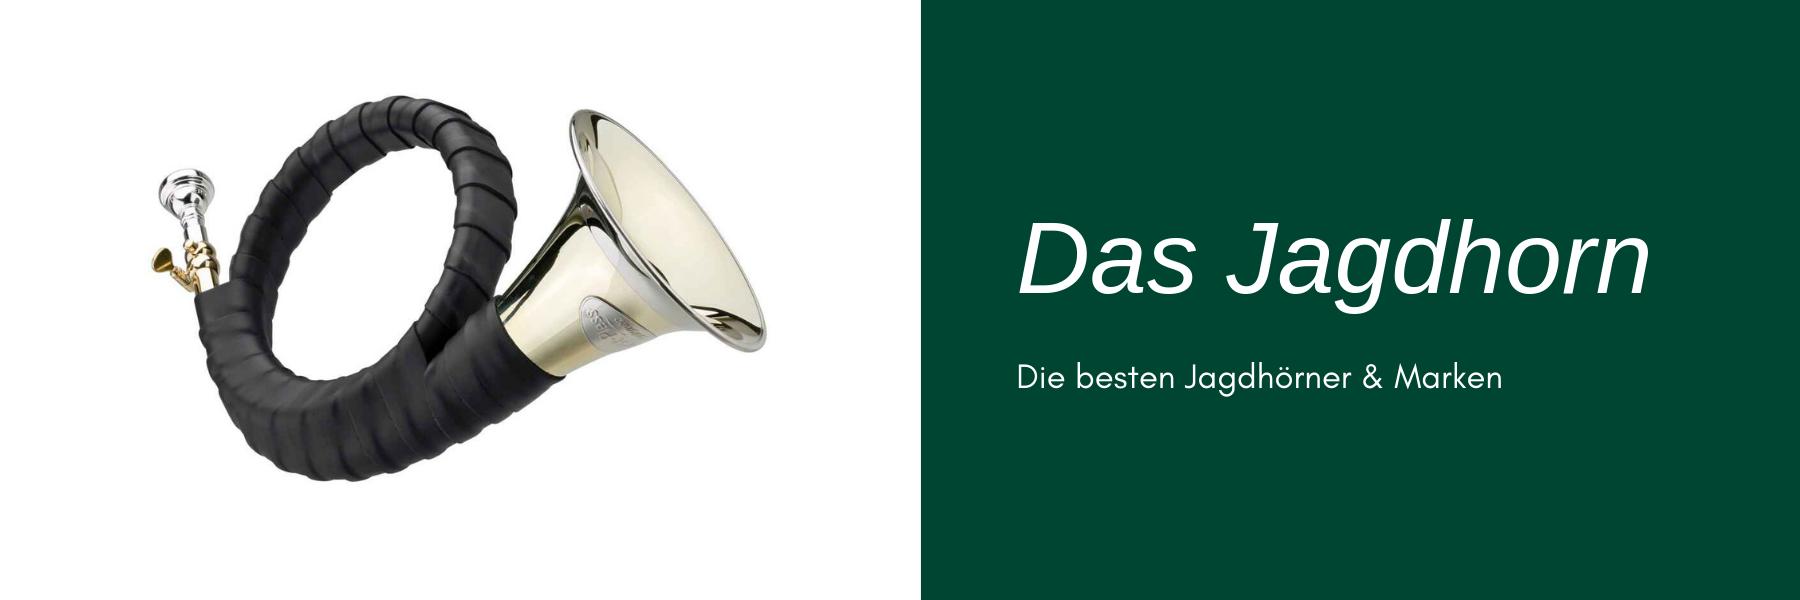 Jagdhorn kaufen - die besten Jagdhörner & Marken